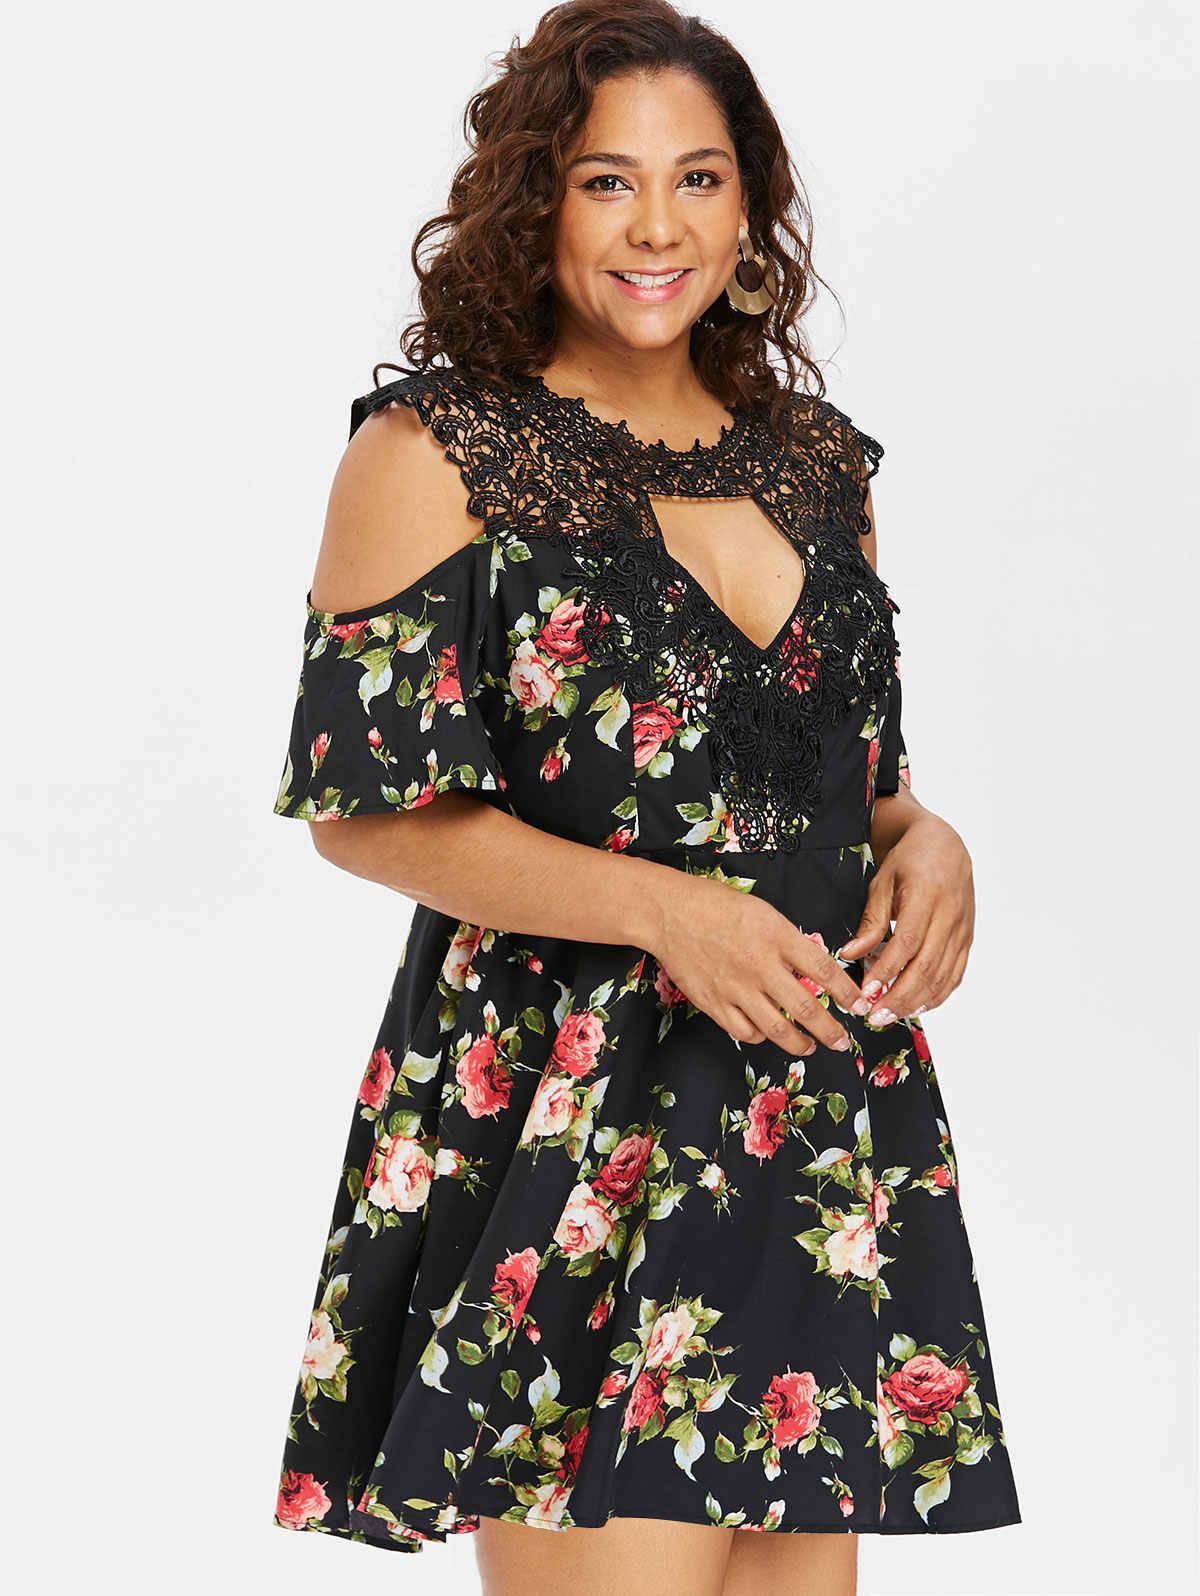 Wipalo плюс Размеры кружевной отделкой с цветами и с рукавами с воланами платье с вырезом «капля» до колена Длина ТРАПЕЦИЕВИДНОЕ летнее платье с коротким и широким подолом 5XL платья больших размеров